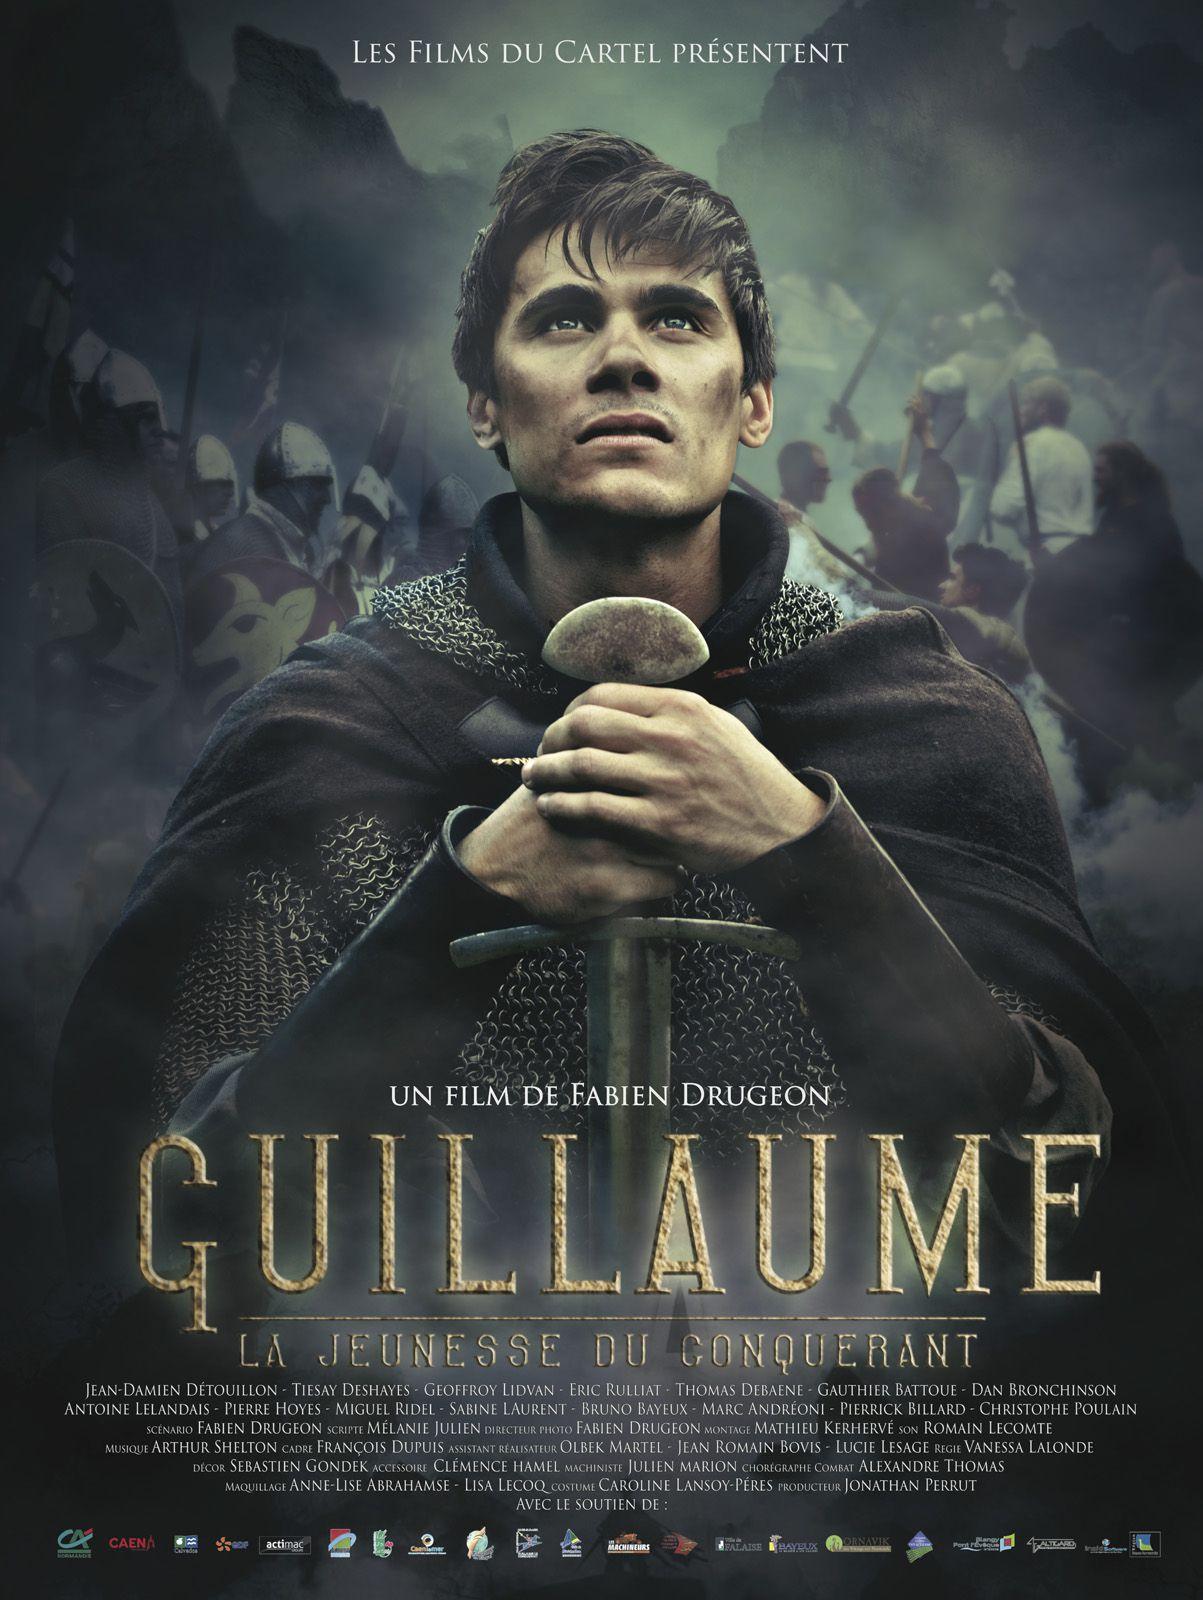 Guillaume, la jeunesse du Conquérant - Film (2014)